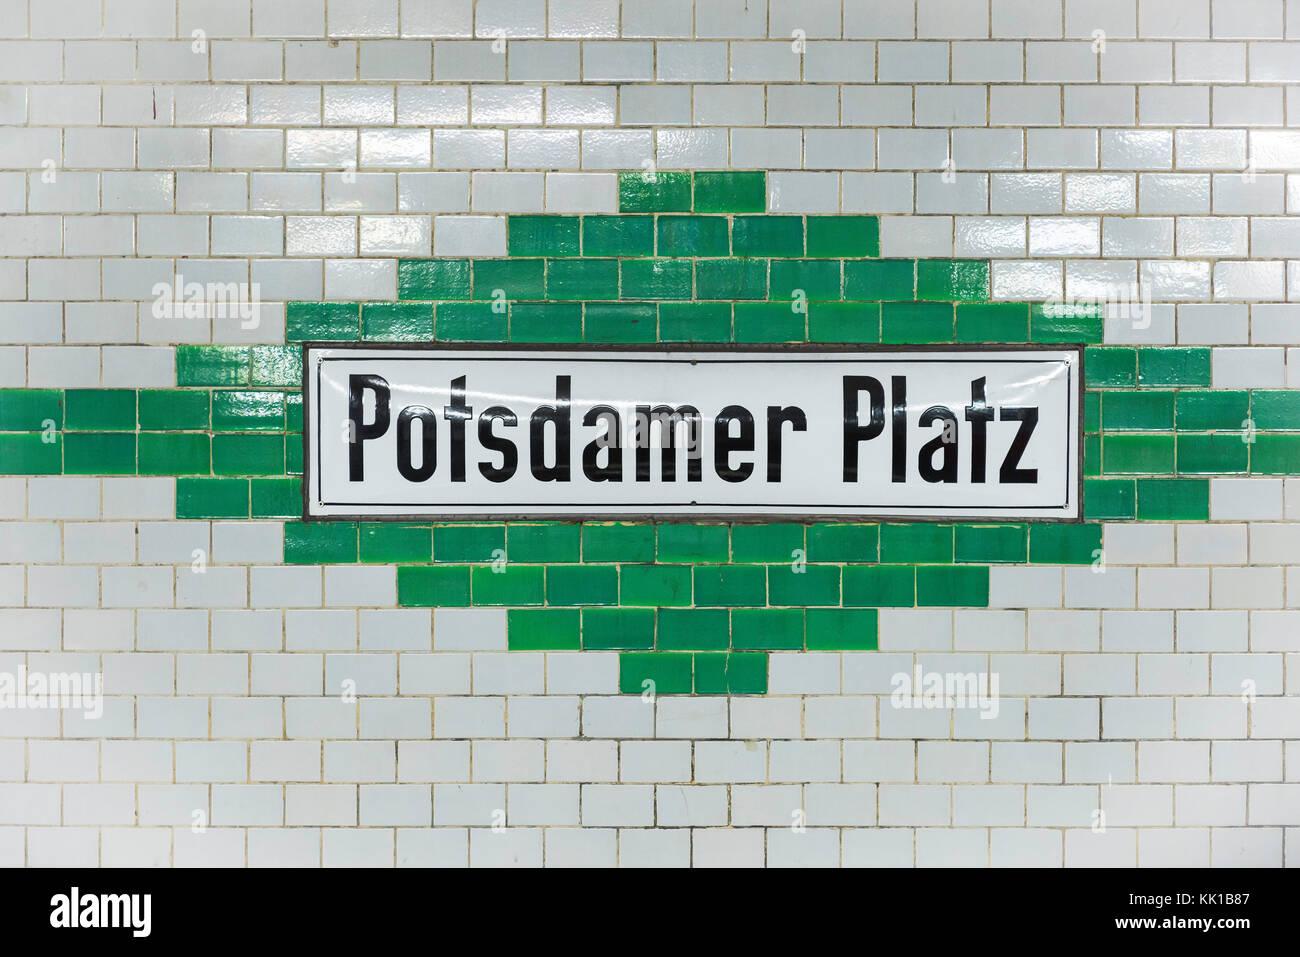 Berliner U-Bahn Mitte, in der u-bahn Station am Potsdamer Platz im Zentrum von Berlin, Deutschland. Stockbild